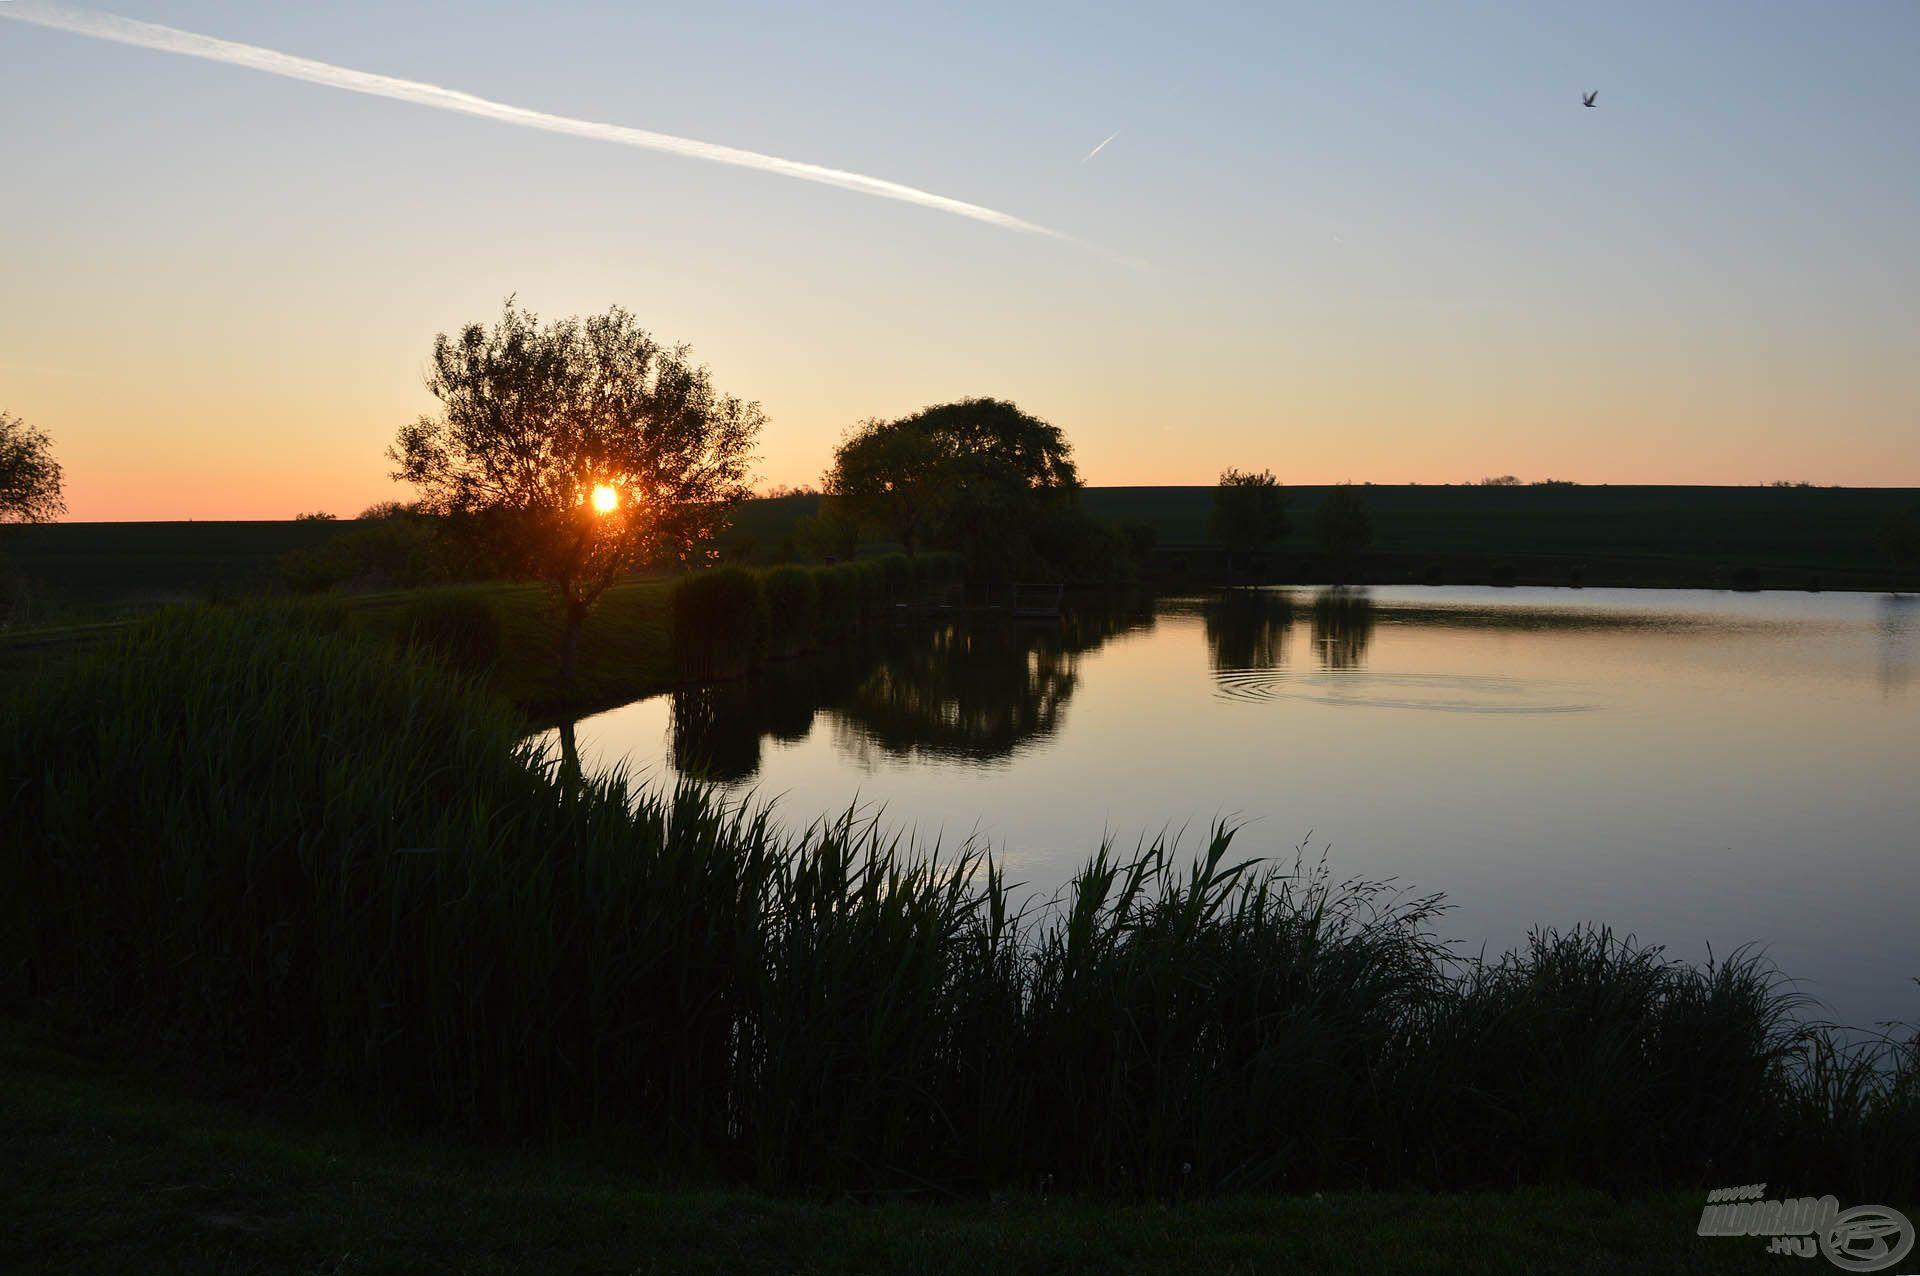 Hangulatos napkelte fogadott a tó partján, s már ekkor láttunk néhány biztató fordulást